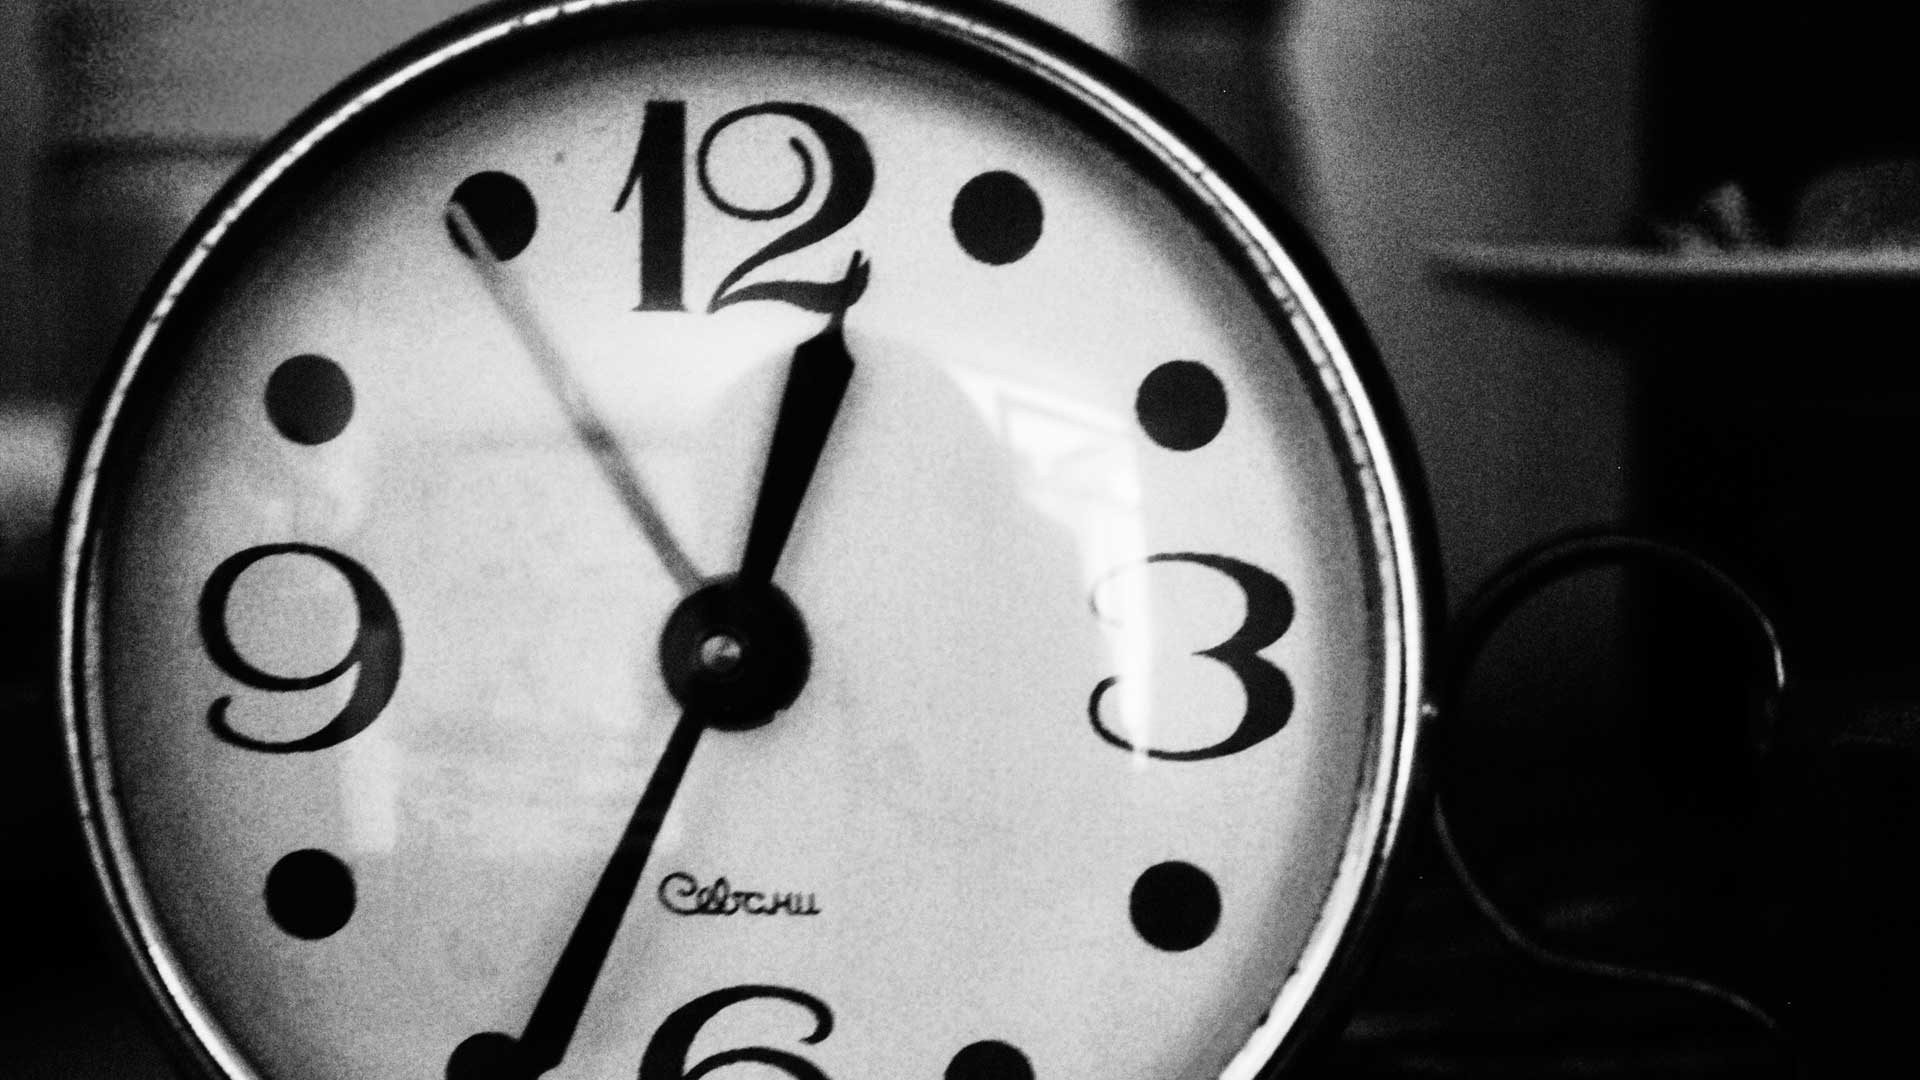 ¿Has abandonado ya tus propósitos para este año?